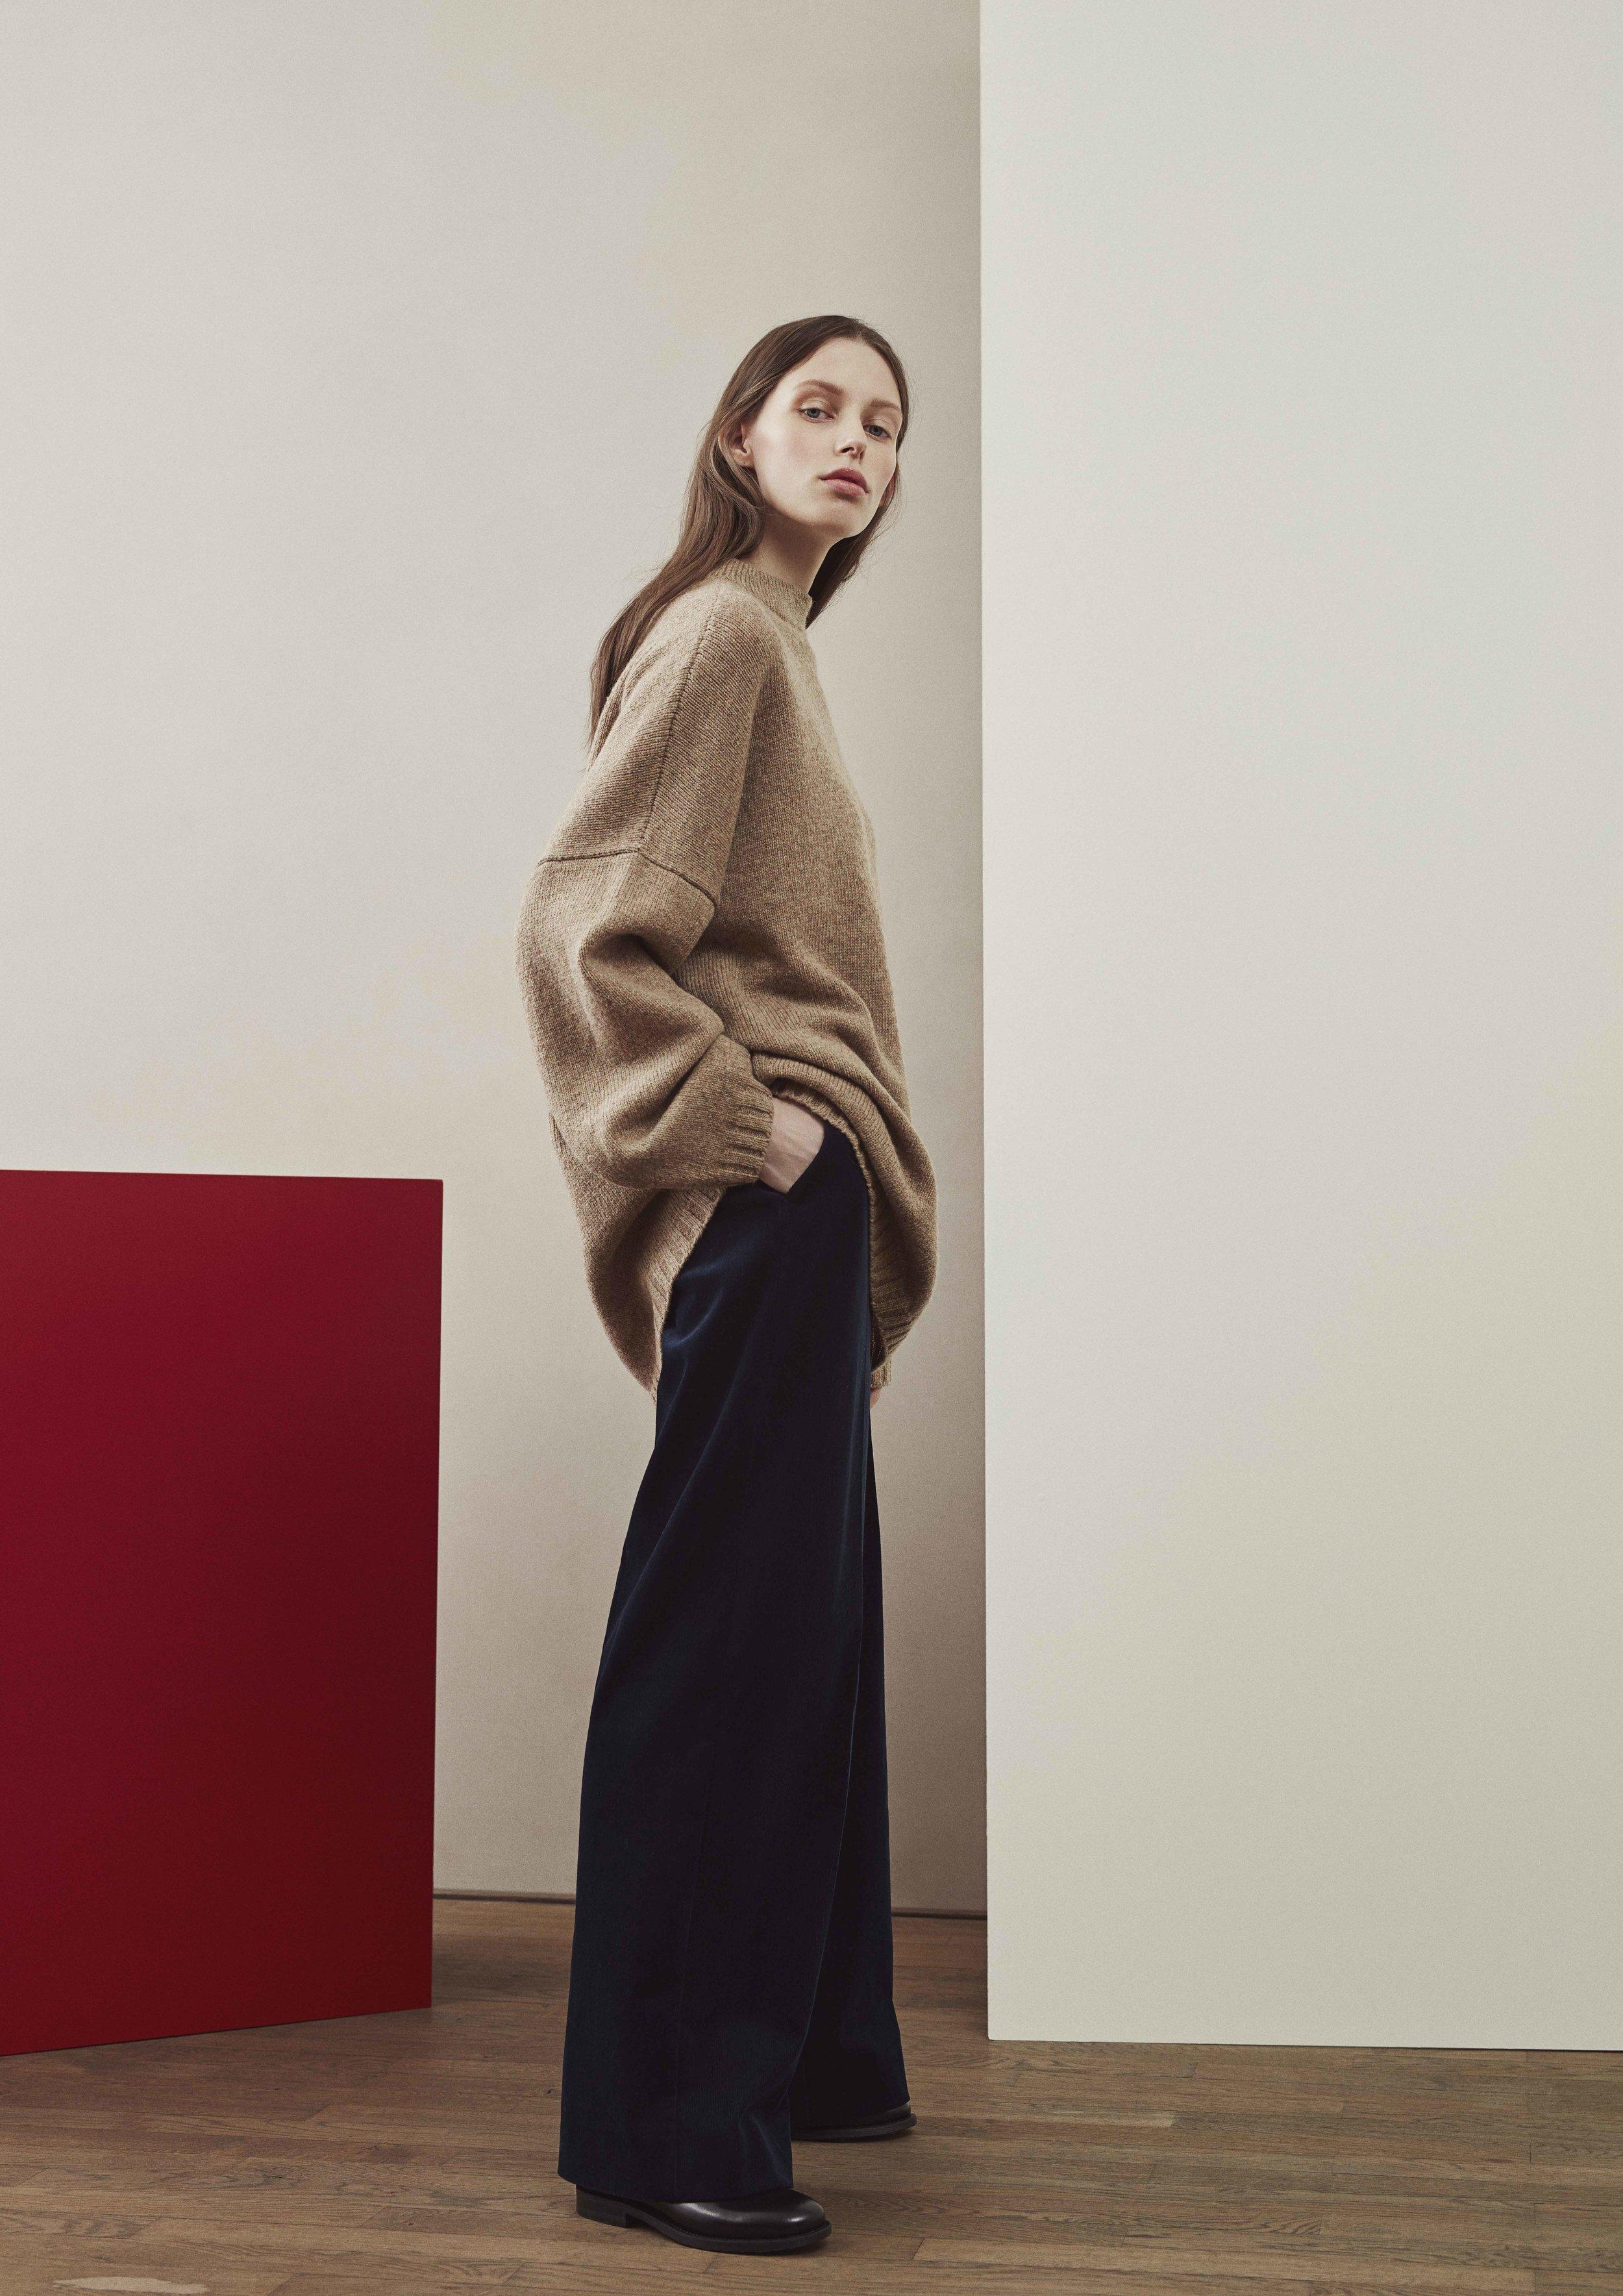 <b>5</b><br>Irene Shetland Wool Sweater<br>Helena Corduroy Pants